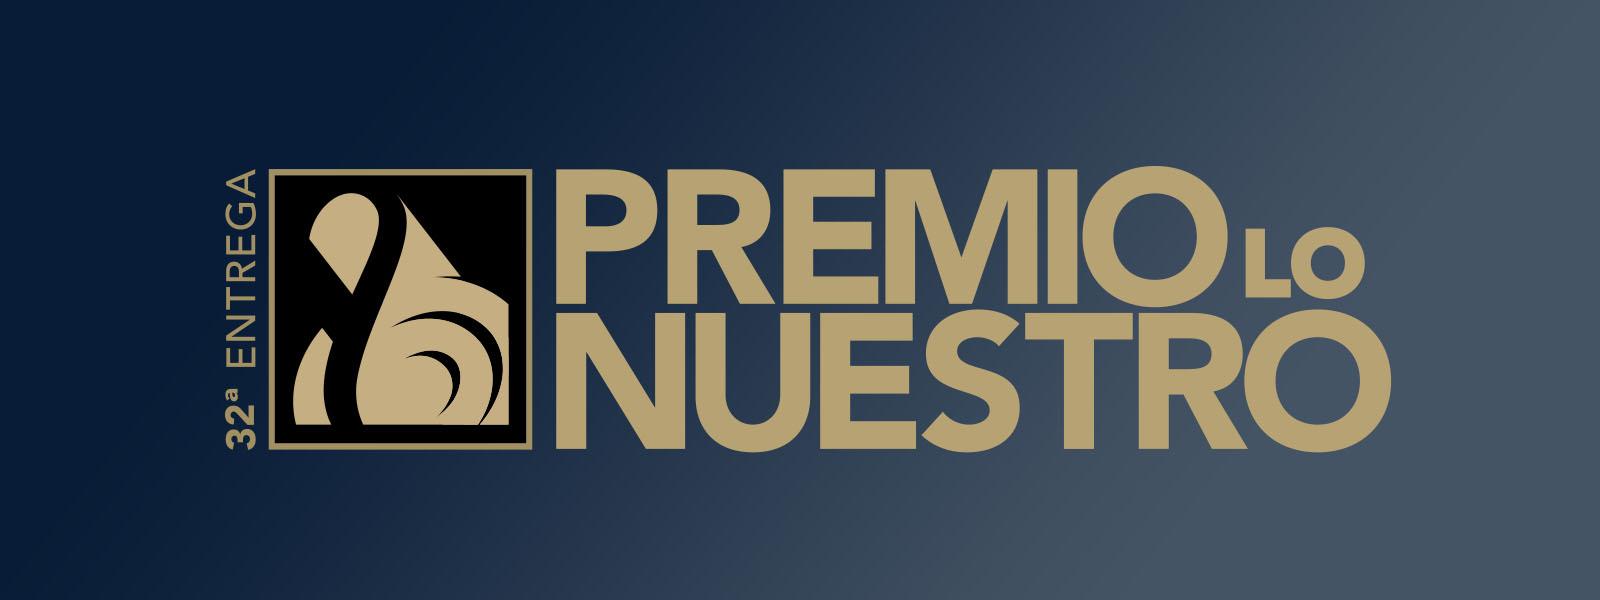 Premio Lo Nuestro Announce 2020 Winners